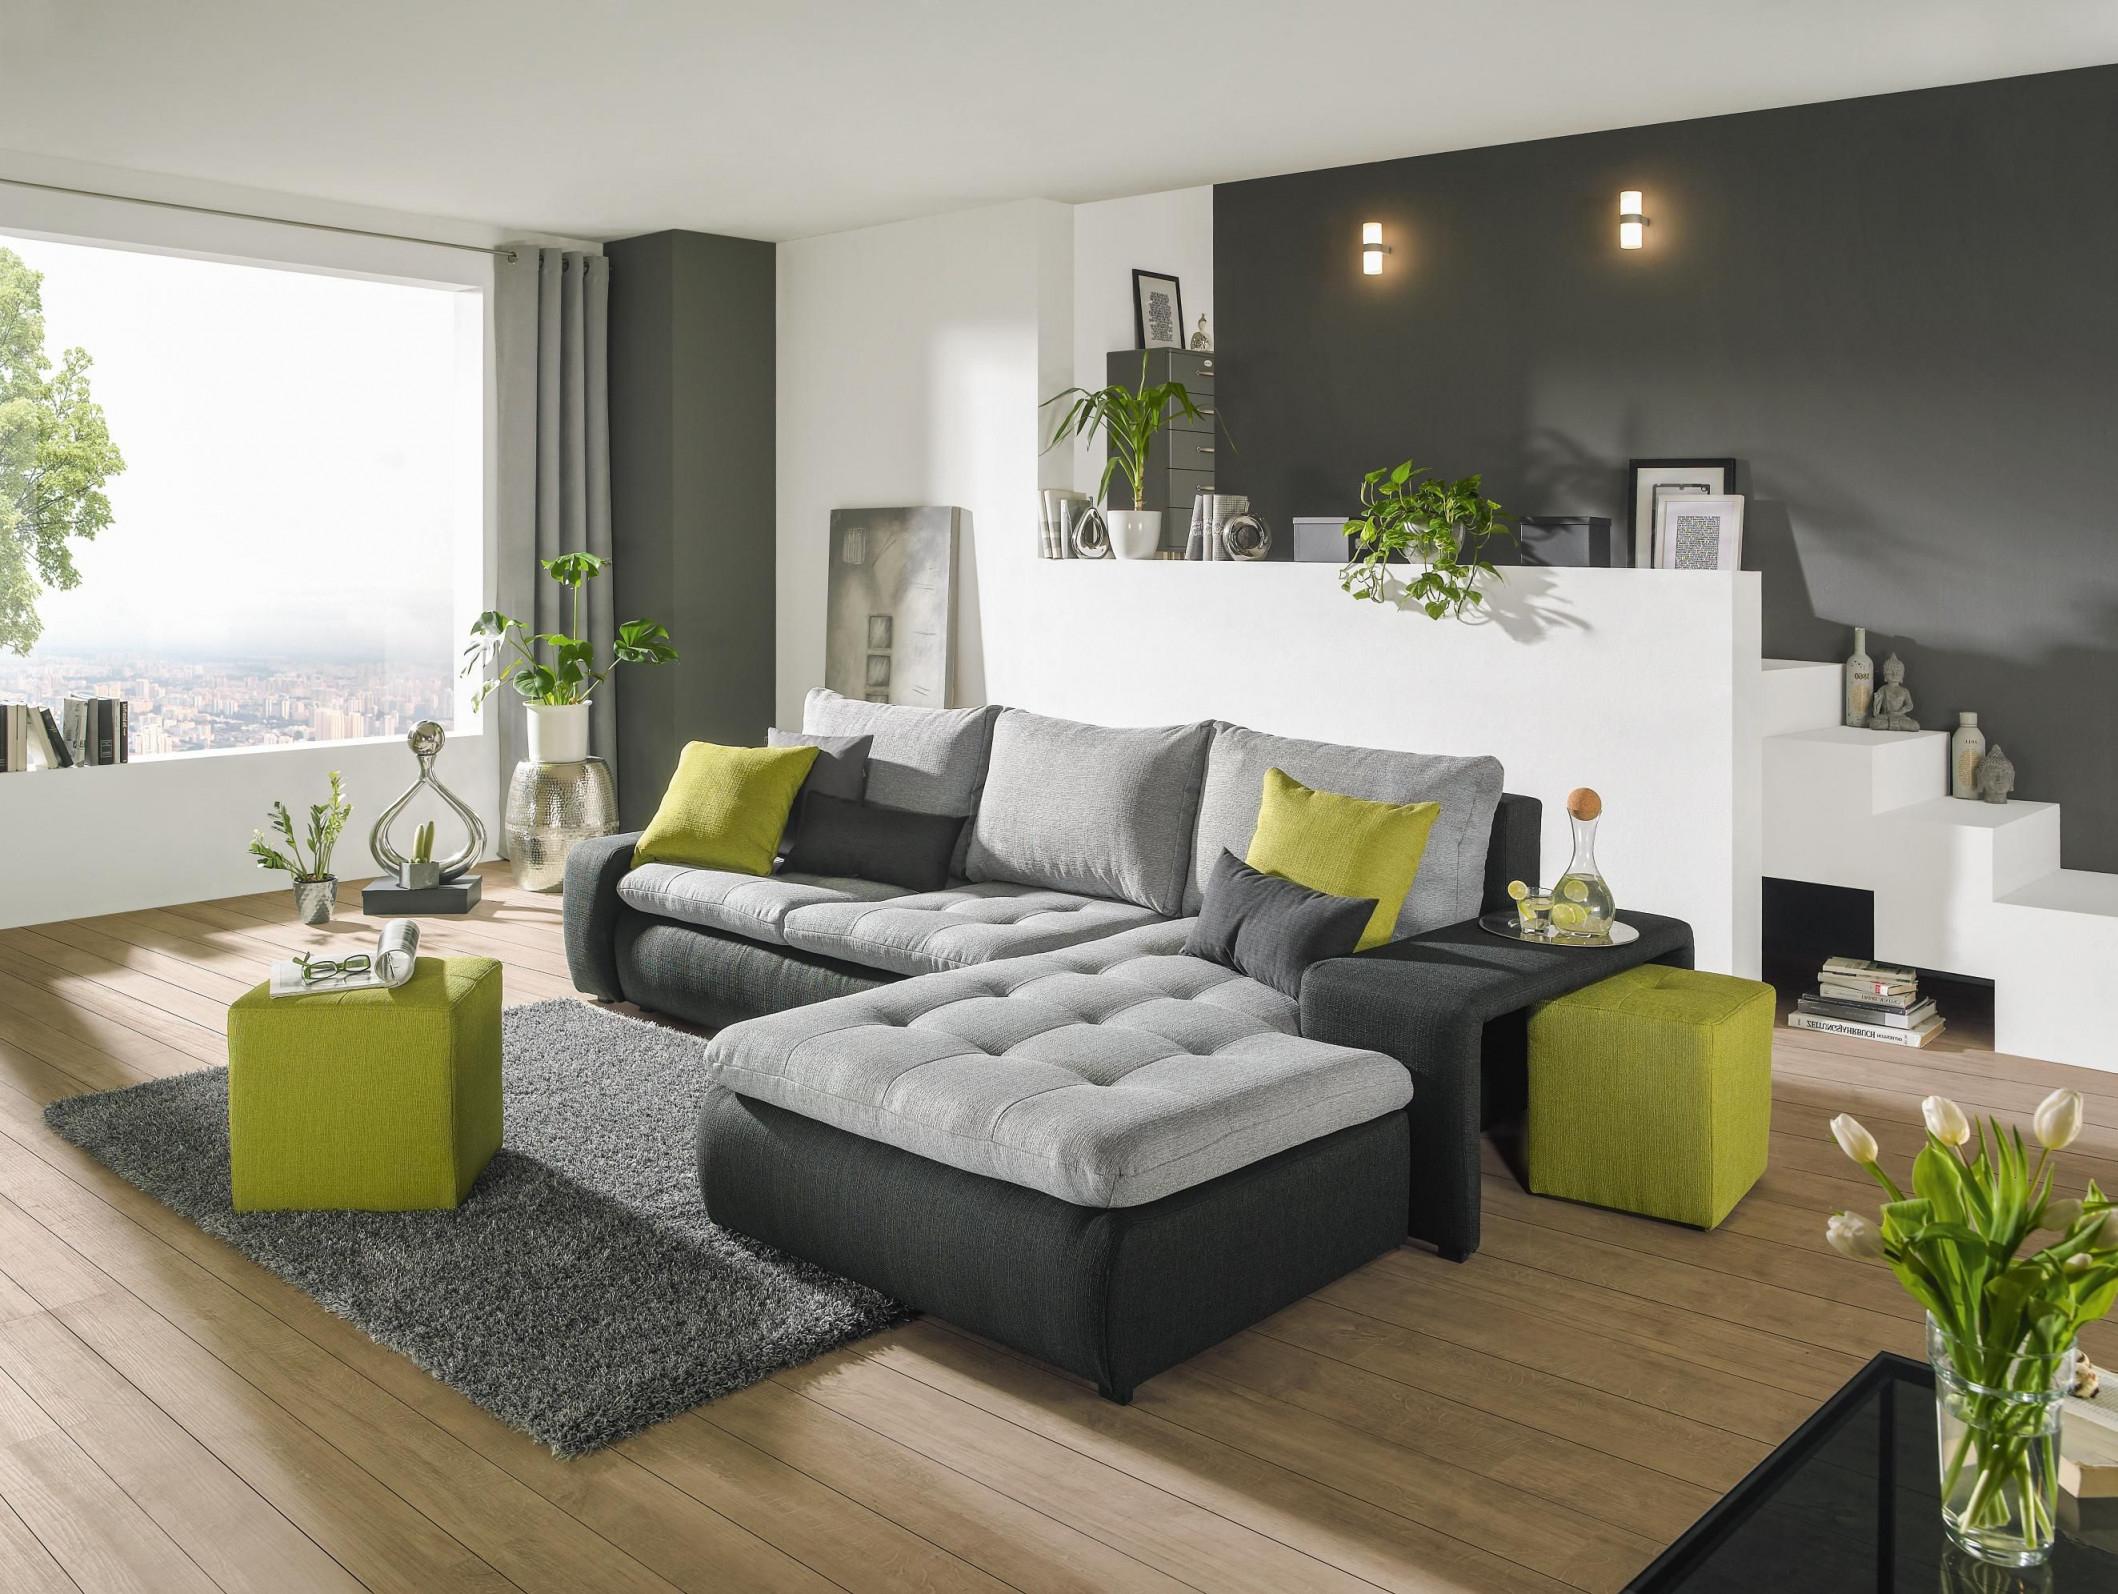 Wohnlandschaft In Anthrazit Grau Grün Textil  Wohnzimmer von Wohnzimmer Grau Grün Deko Bild